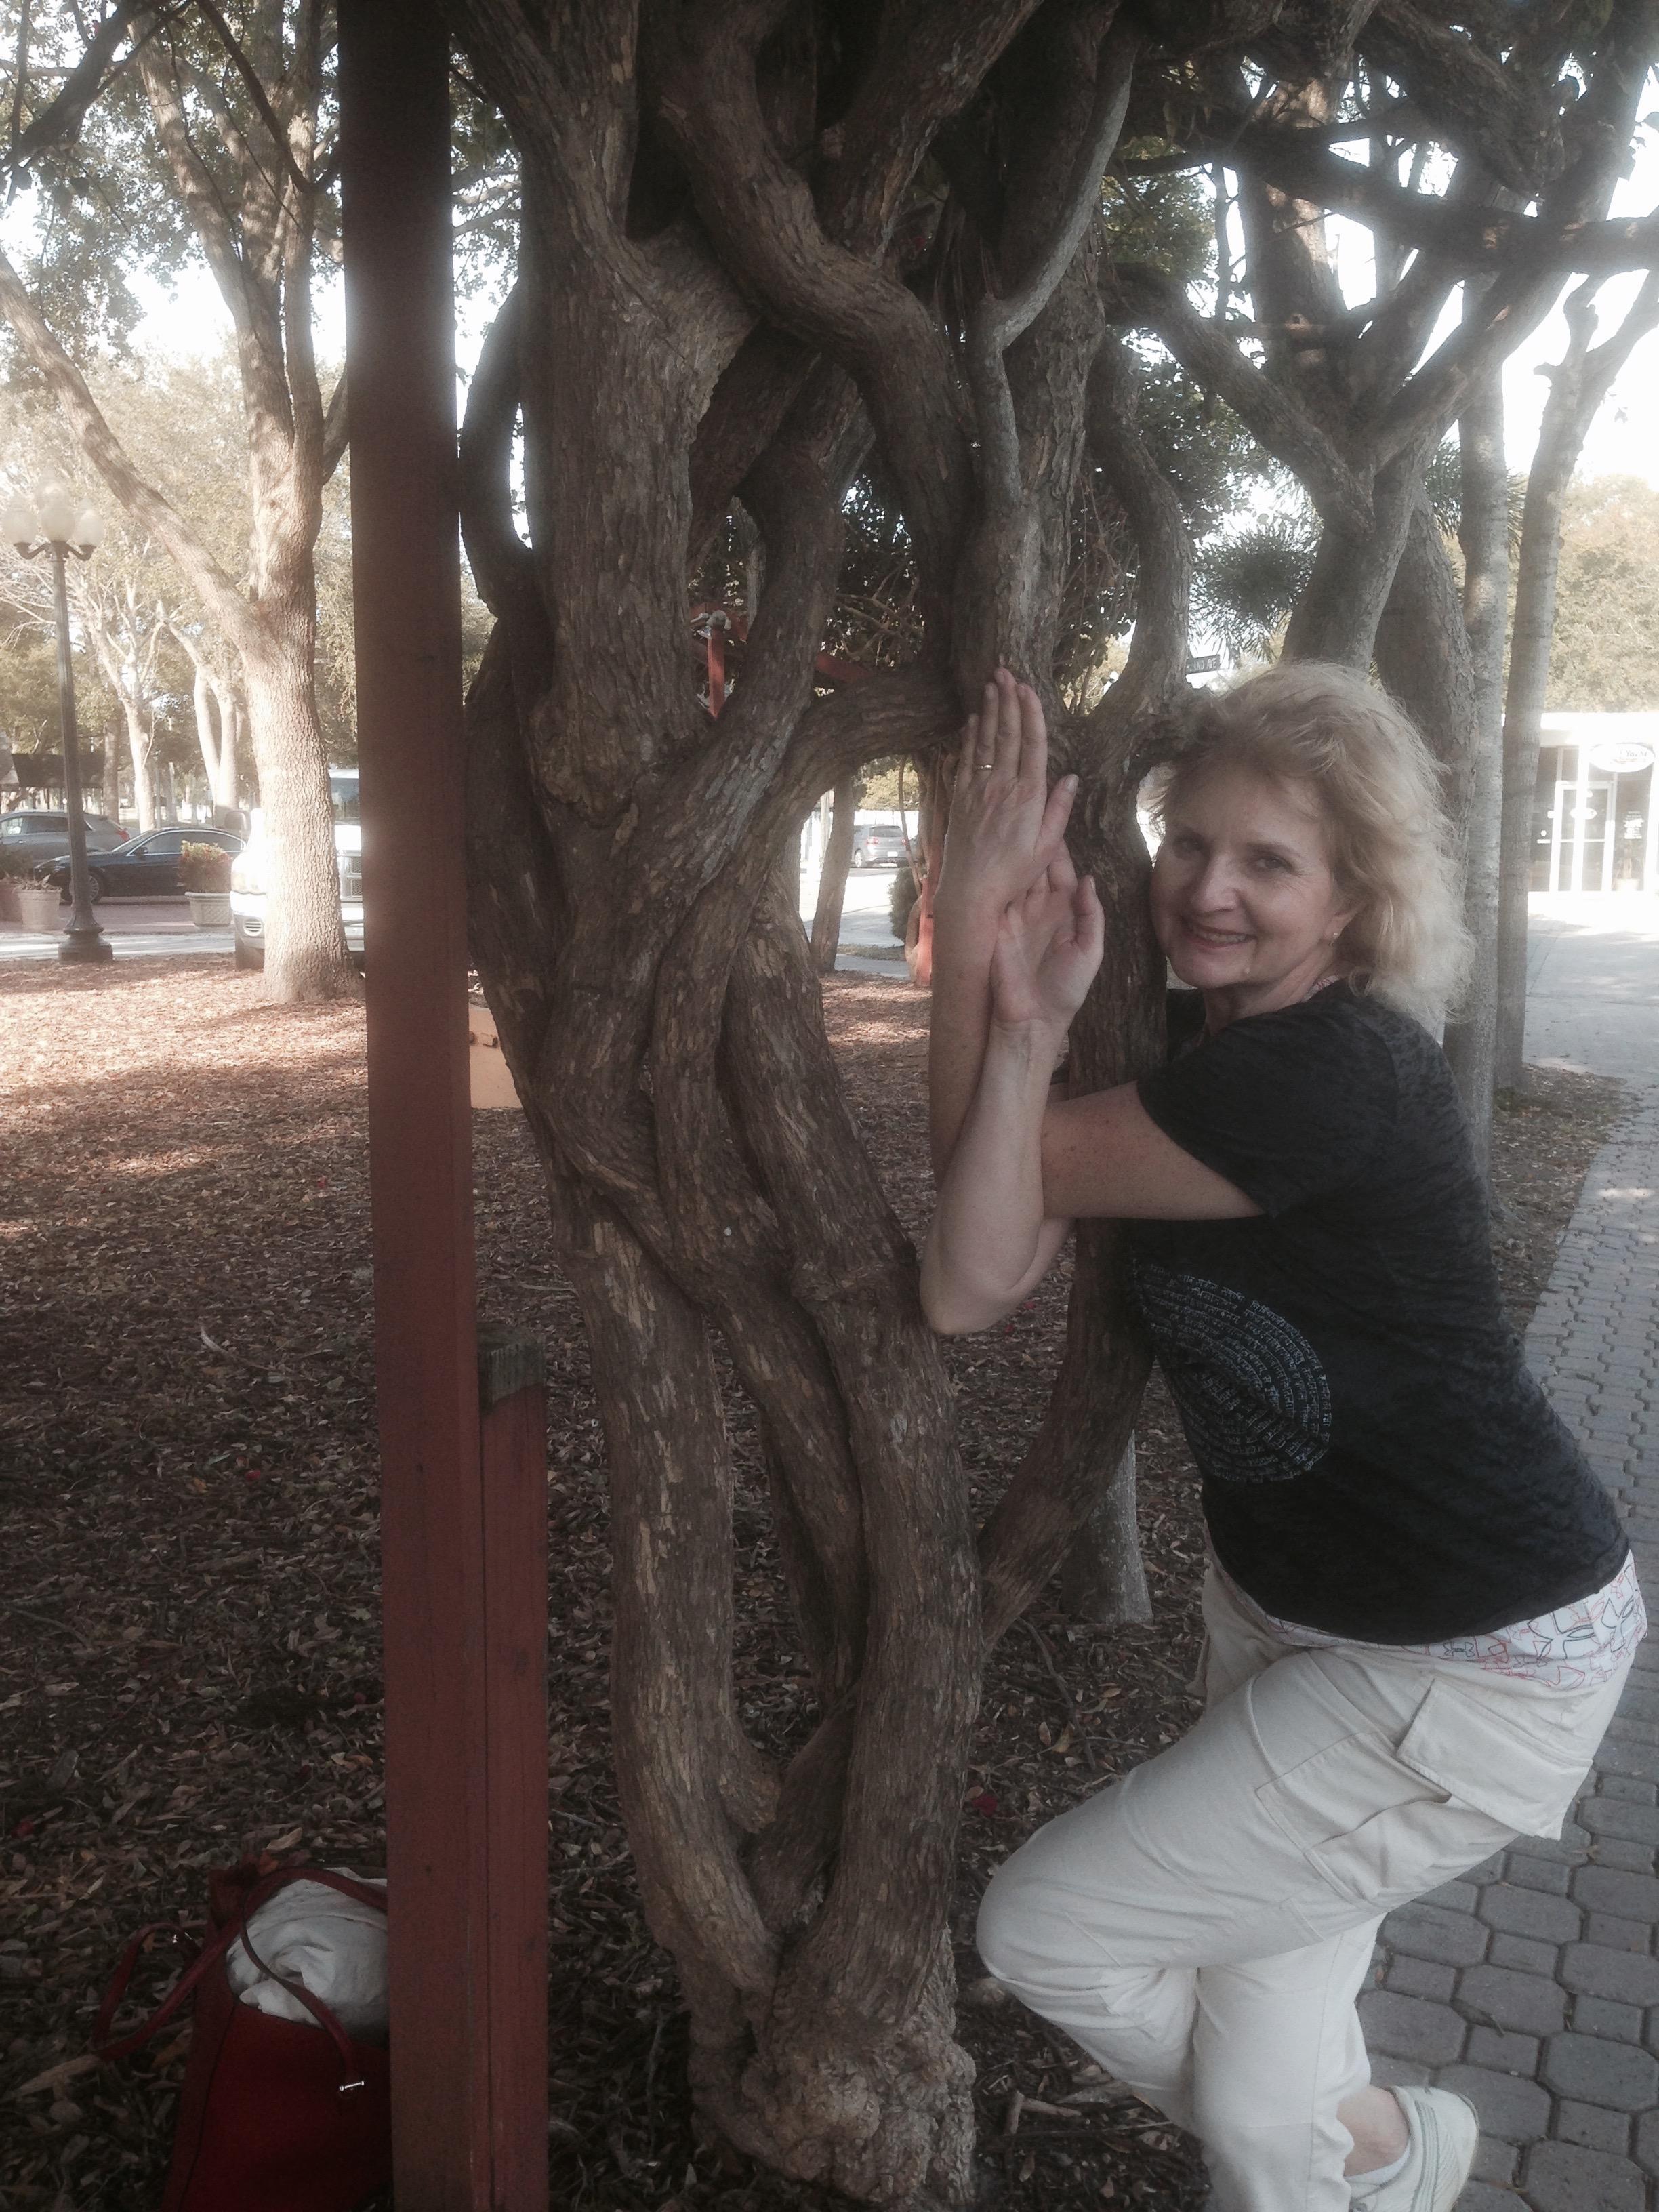 Niti's wisteria eagle pose